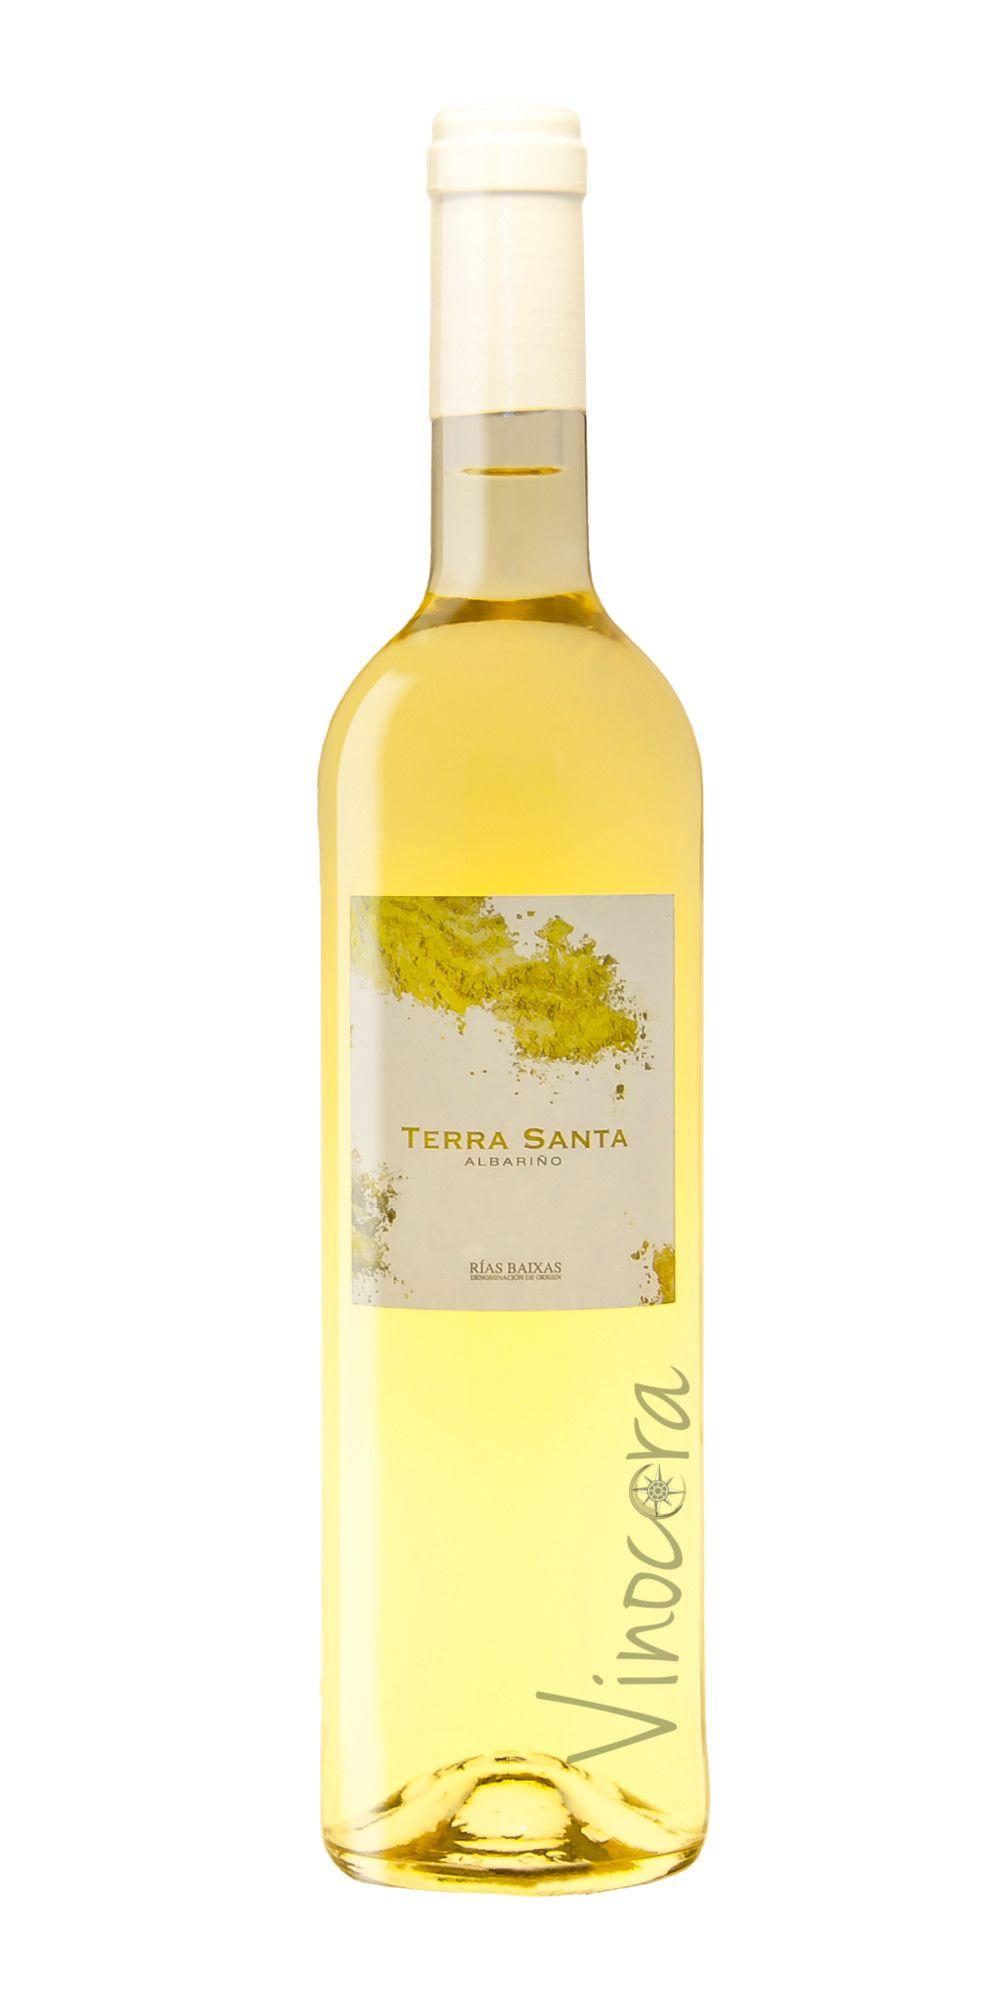 Botella Terra Santa Albarino Do Rias Baixas Comprar Vino